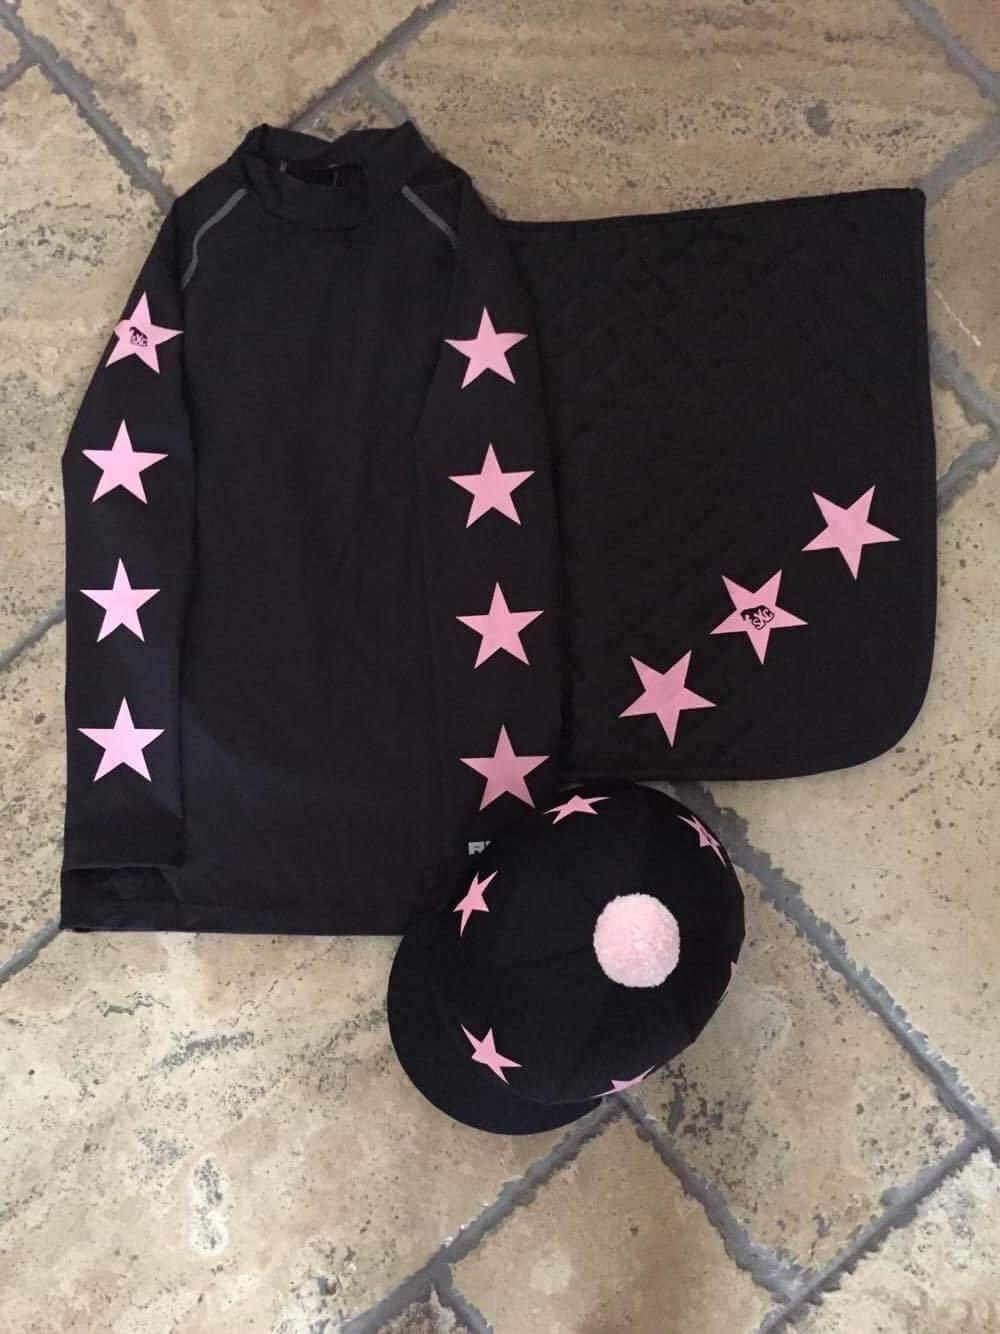 SXC Star Cross Country Color XC concurso completo Sombrero cubierta de seda Paño de silla de montar Equine